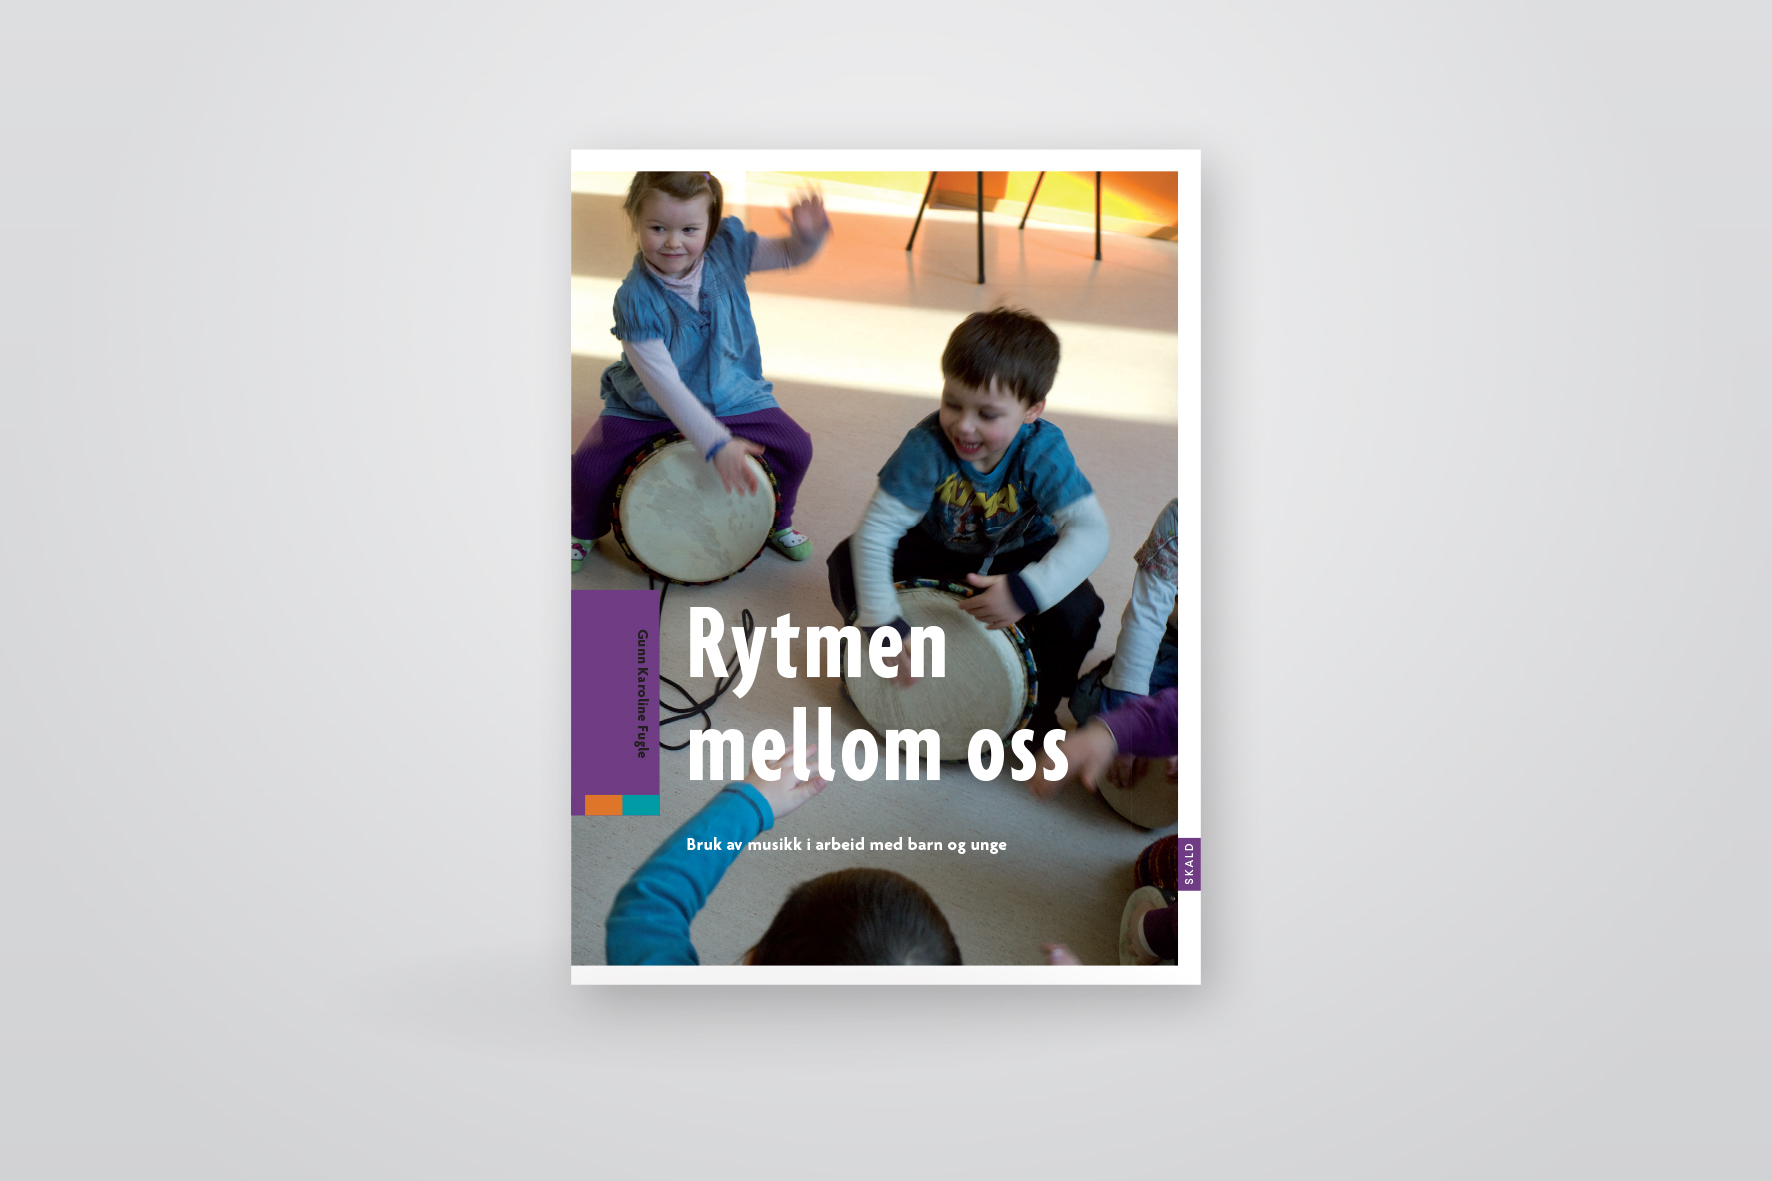 Rytmen-1.jpg